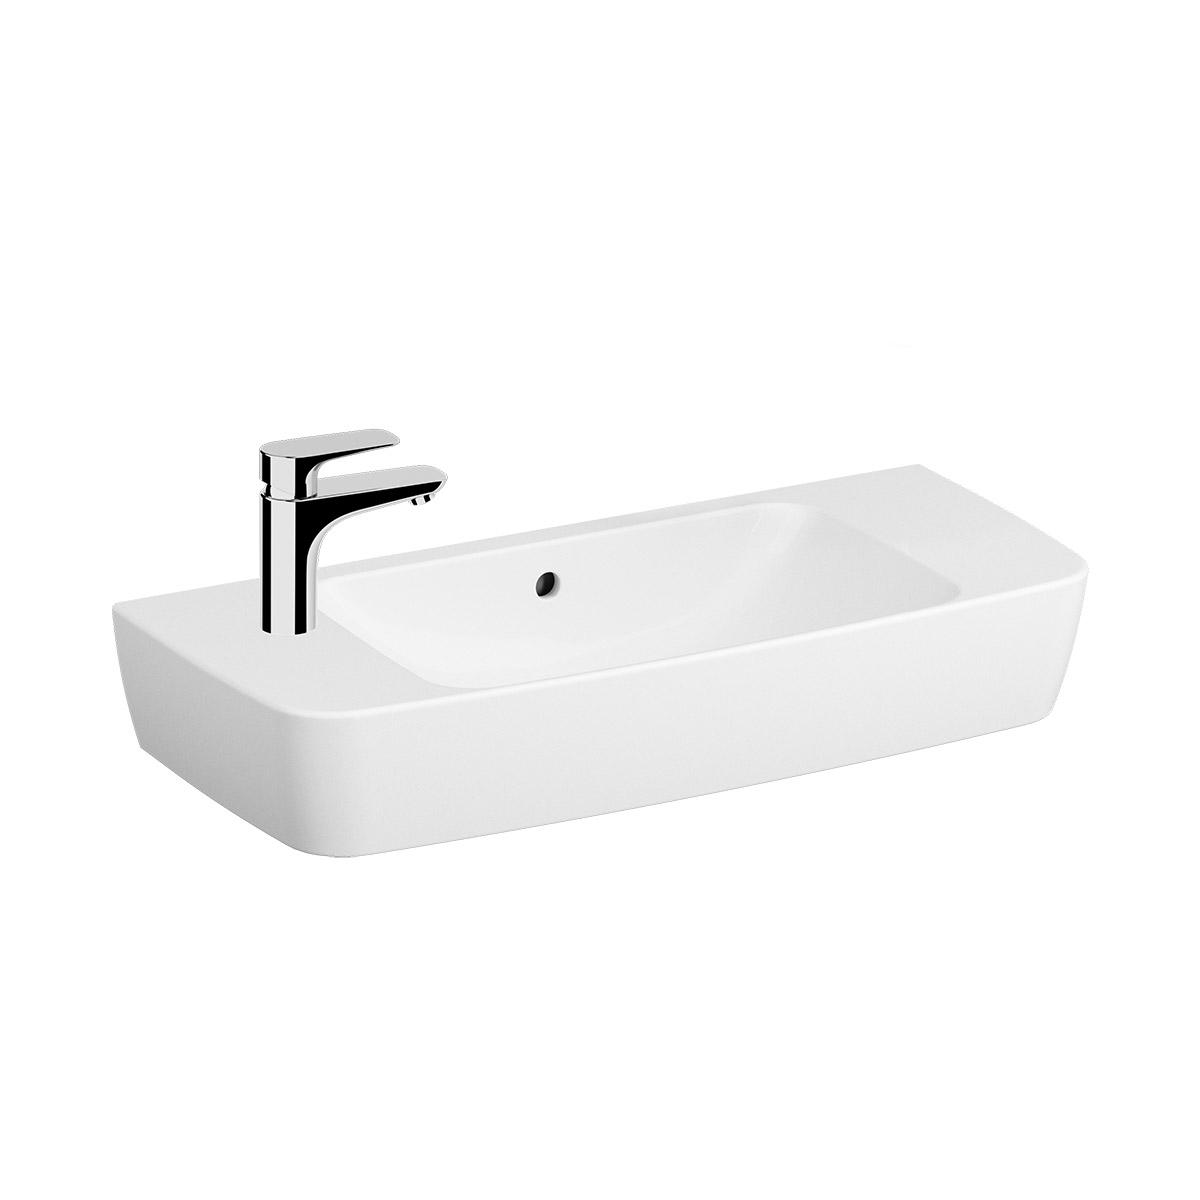 Shift Aufsatzwaschtisch Compact, 80 cm, Weiß